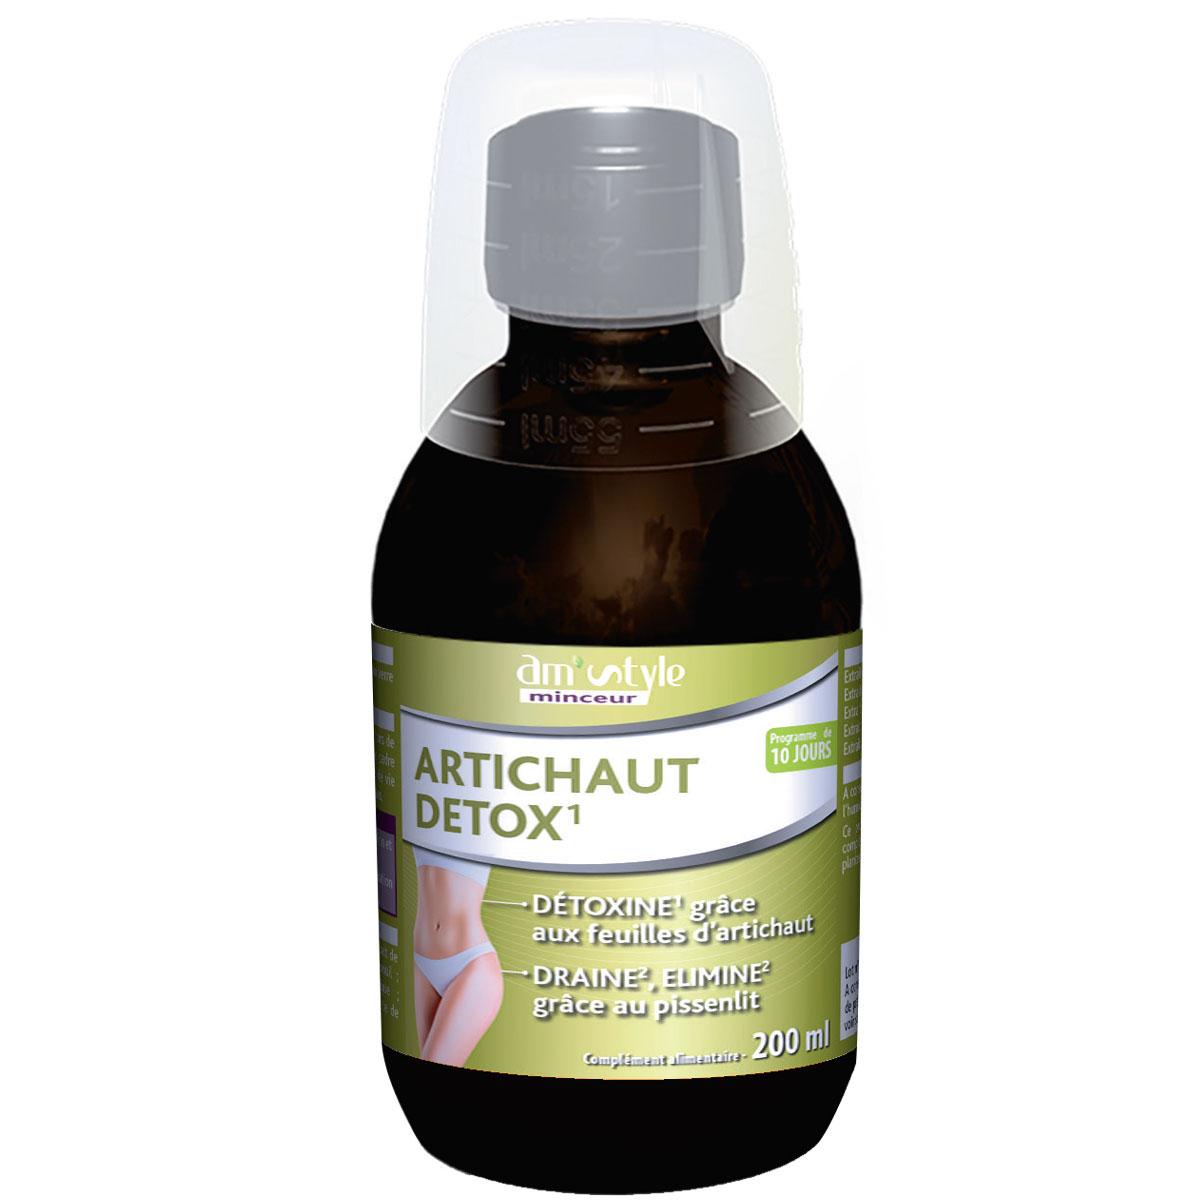 Beauteprivee - Draineur Artichaut détox – Draine